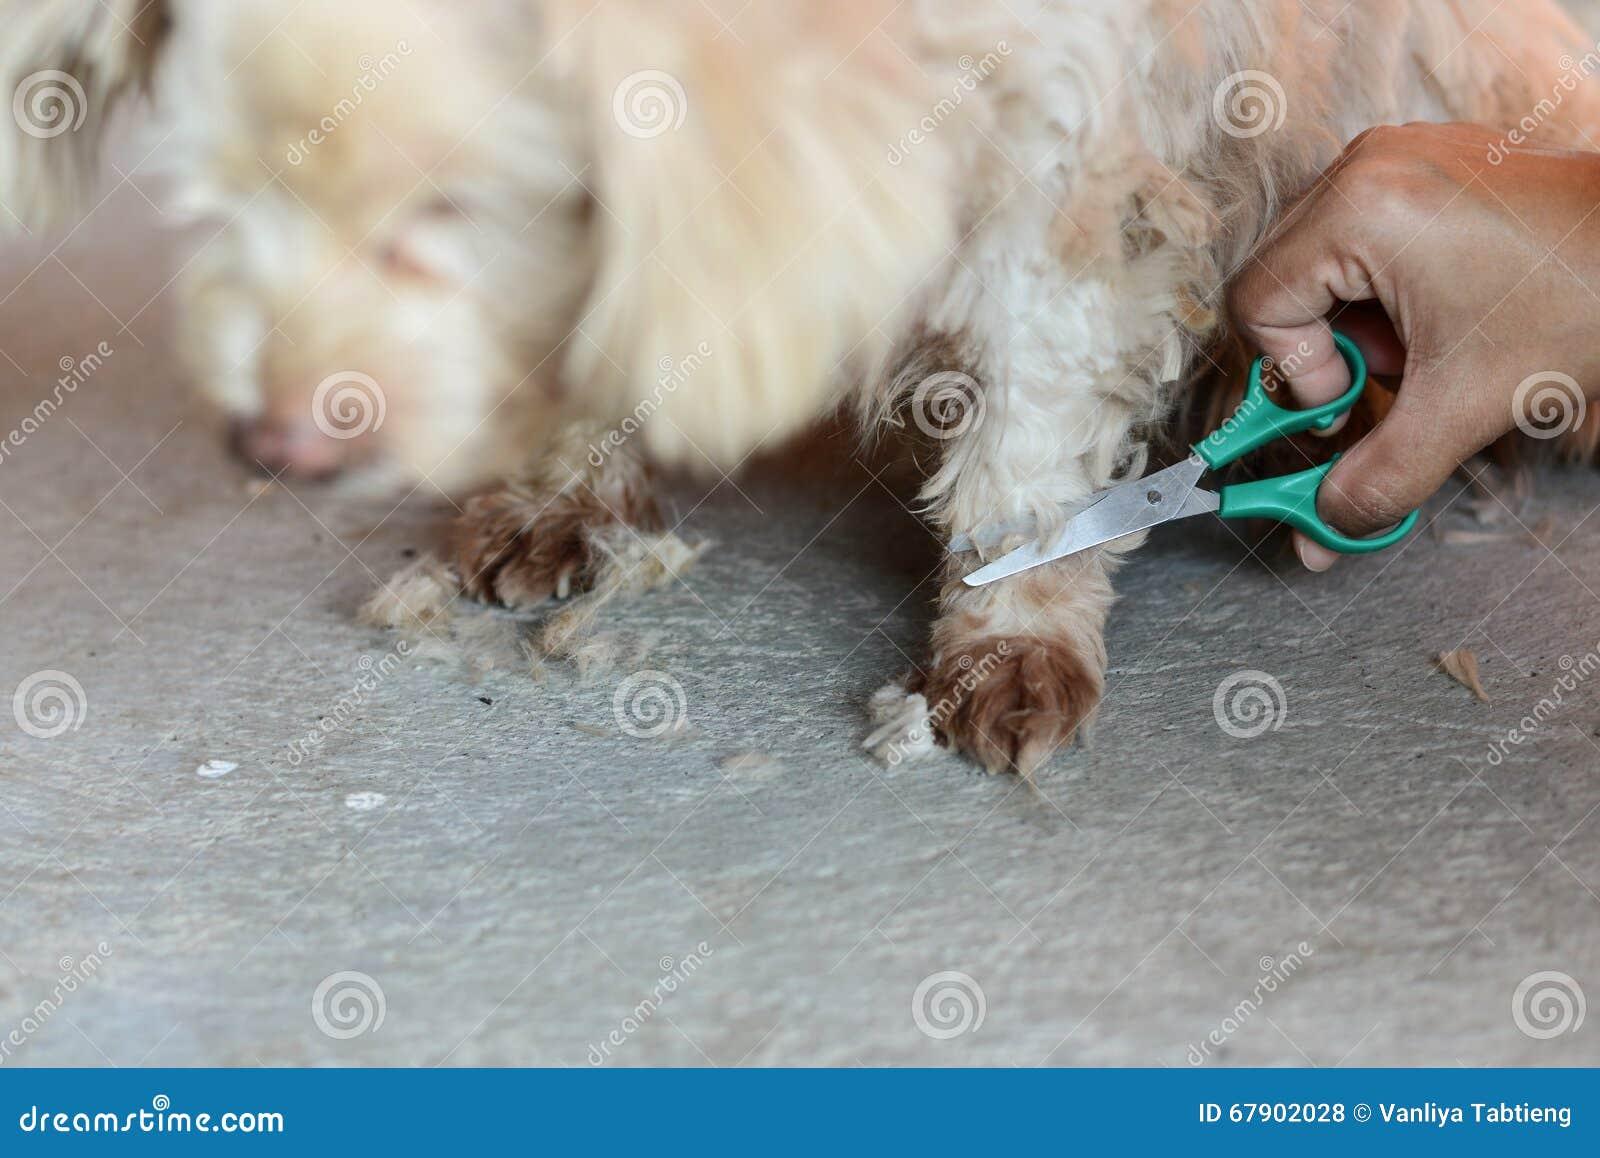 Τέμνουσα τρίχα του χαριτωμένου άσπρου σκυλιού από το ψαλίδι